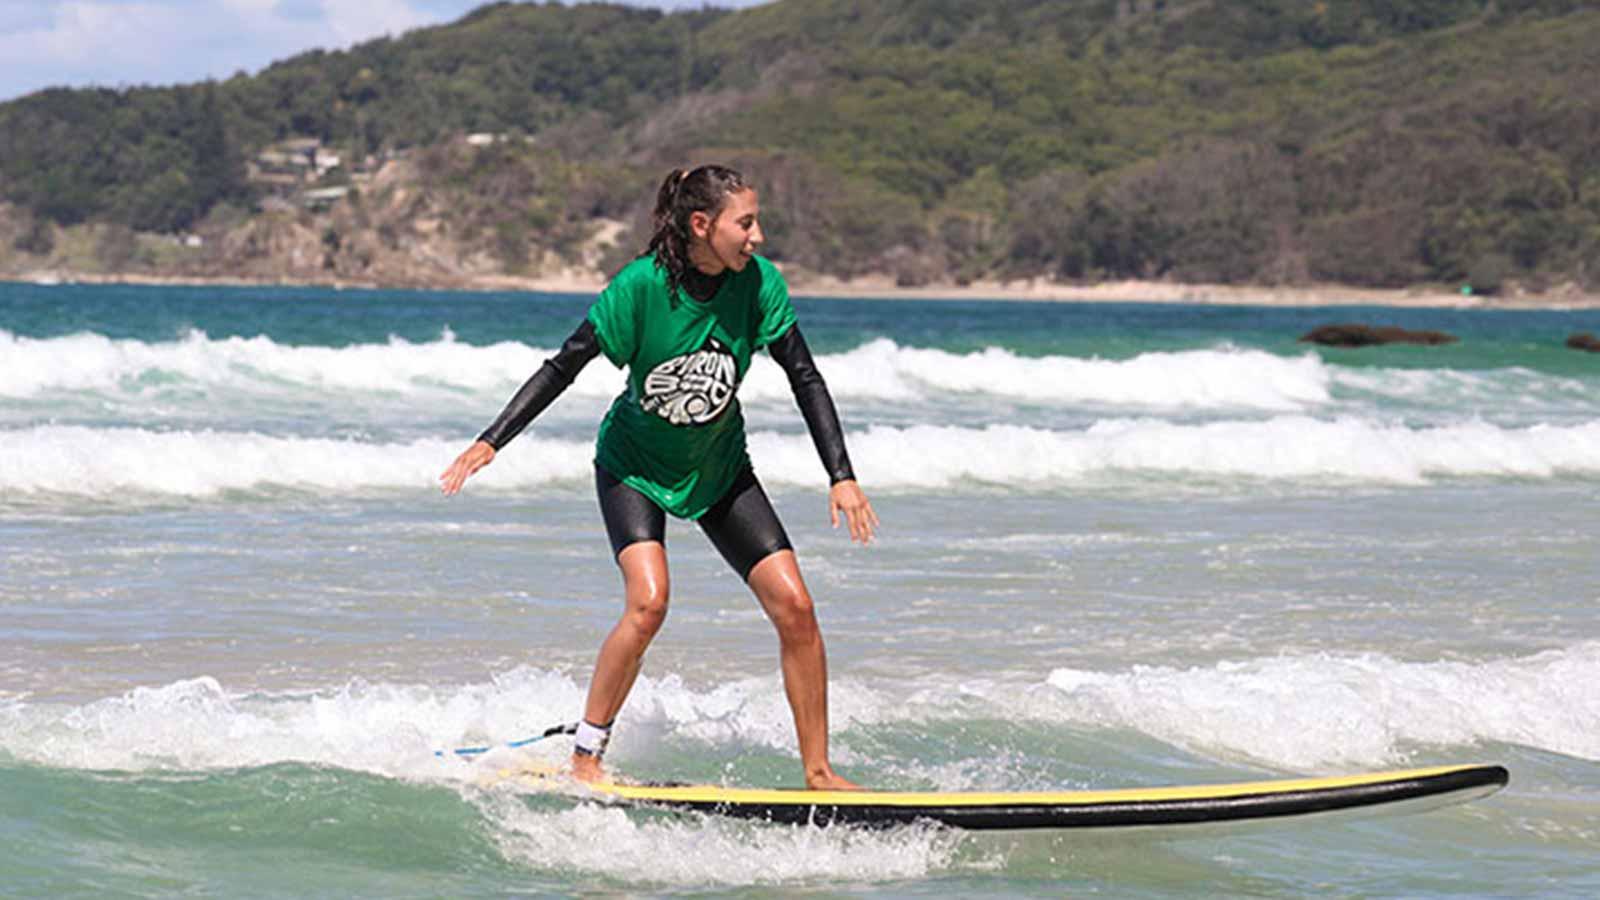 Solo surfer